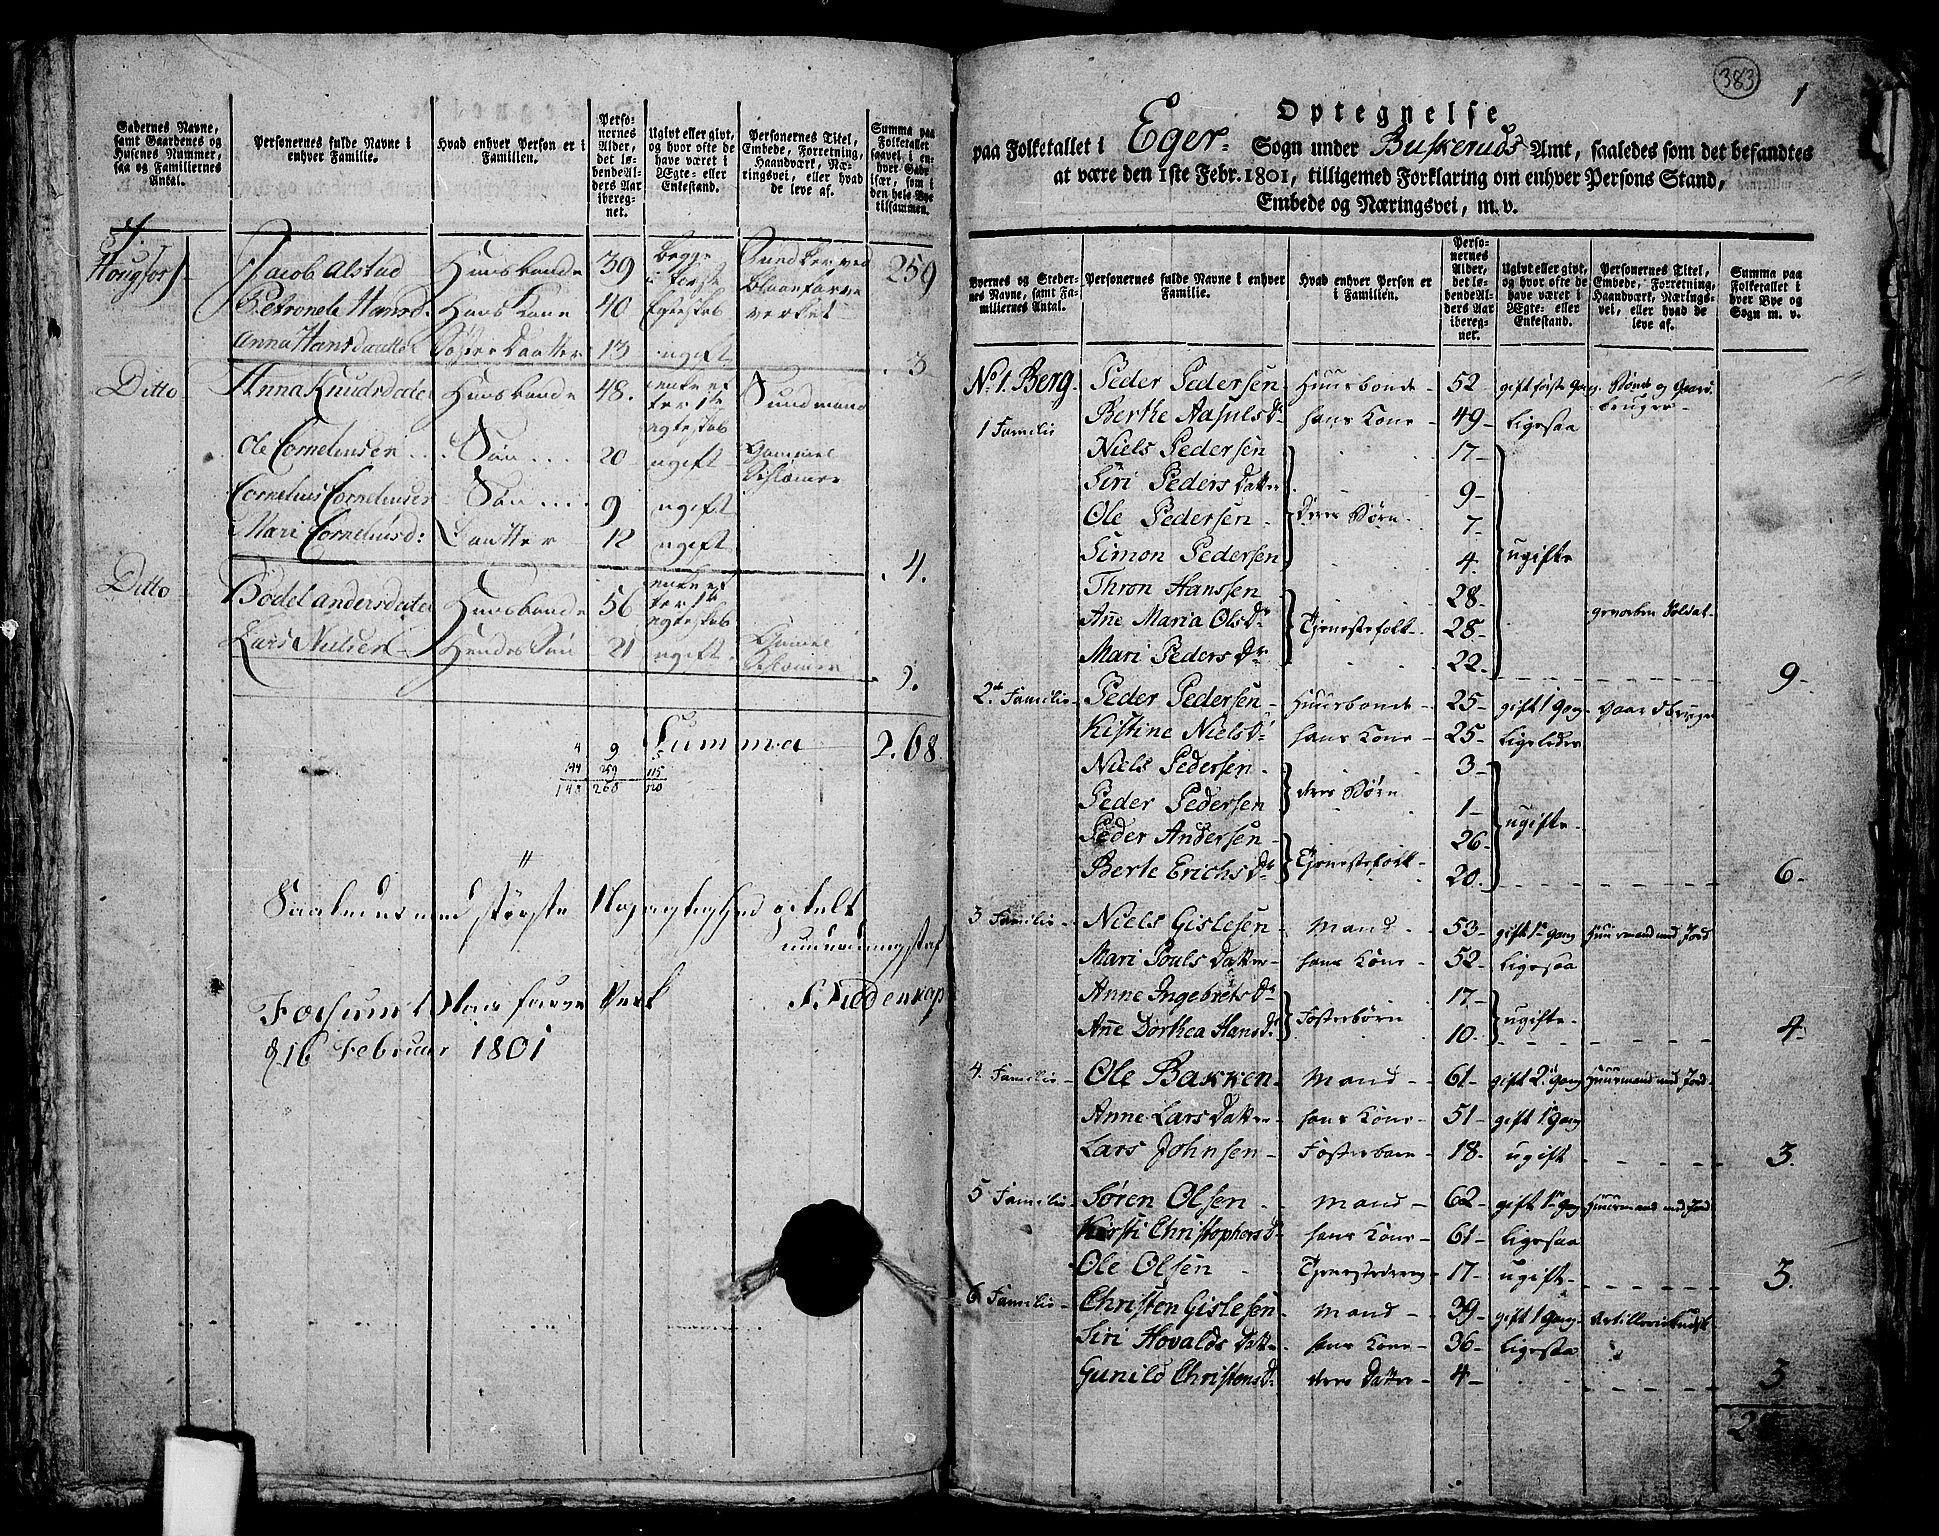 RA, Folketelling 1801 for 0624P Eiker prestegjeld, 1801, s. 382f-383a